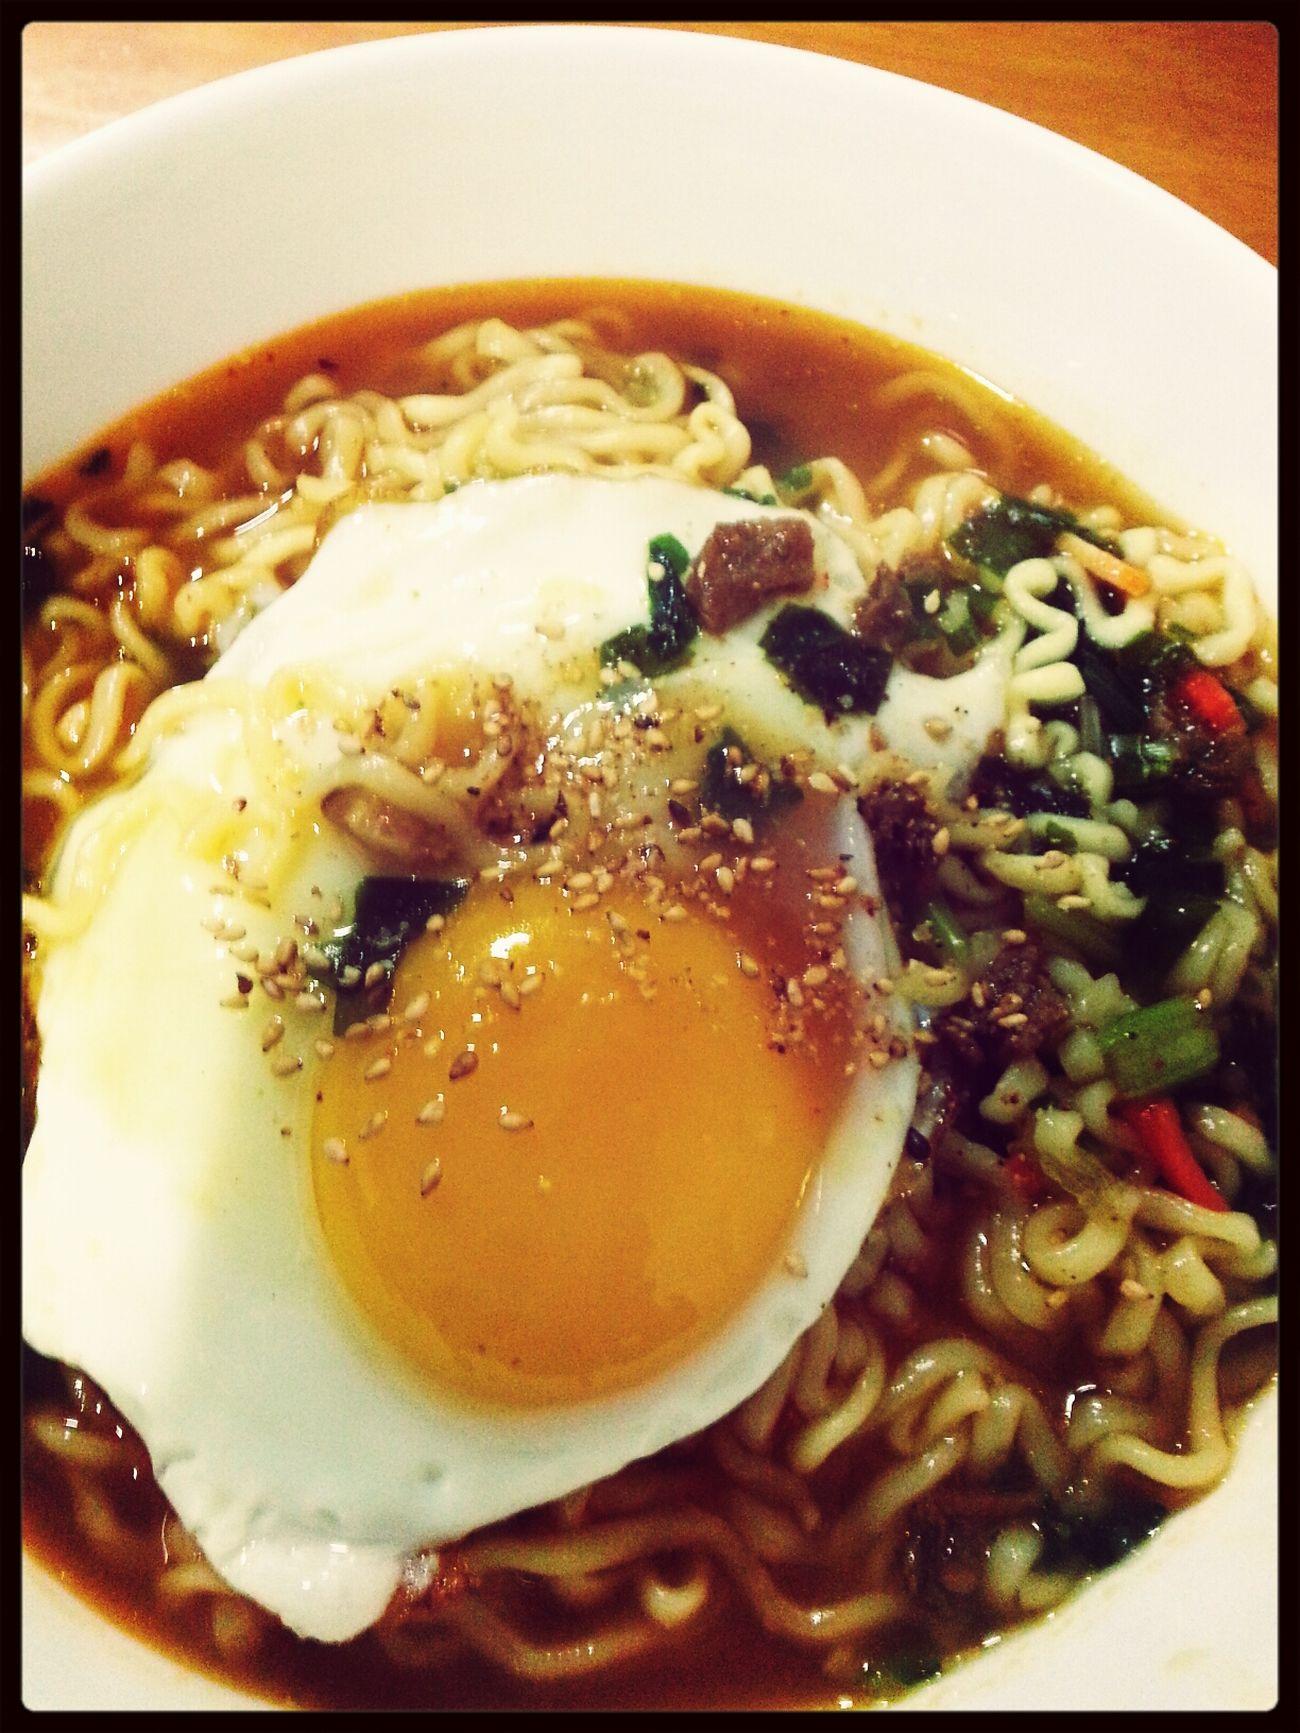 참라면~~! Eat This Ramen Noodle Delicious Food Enjoying Life